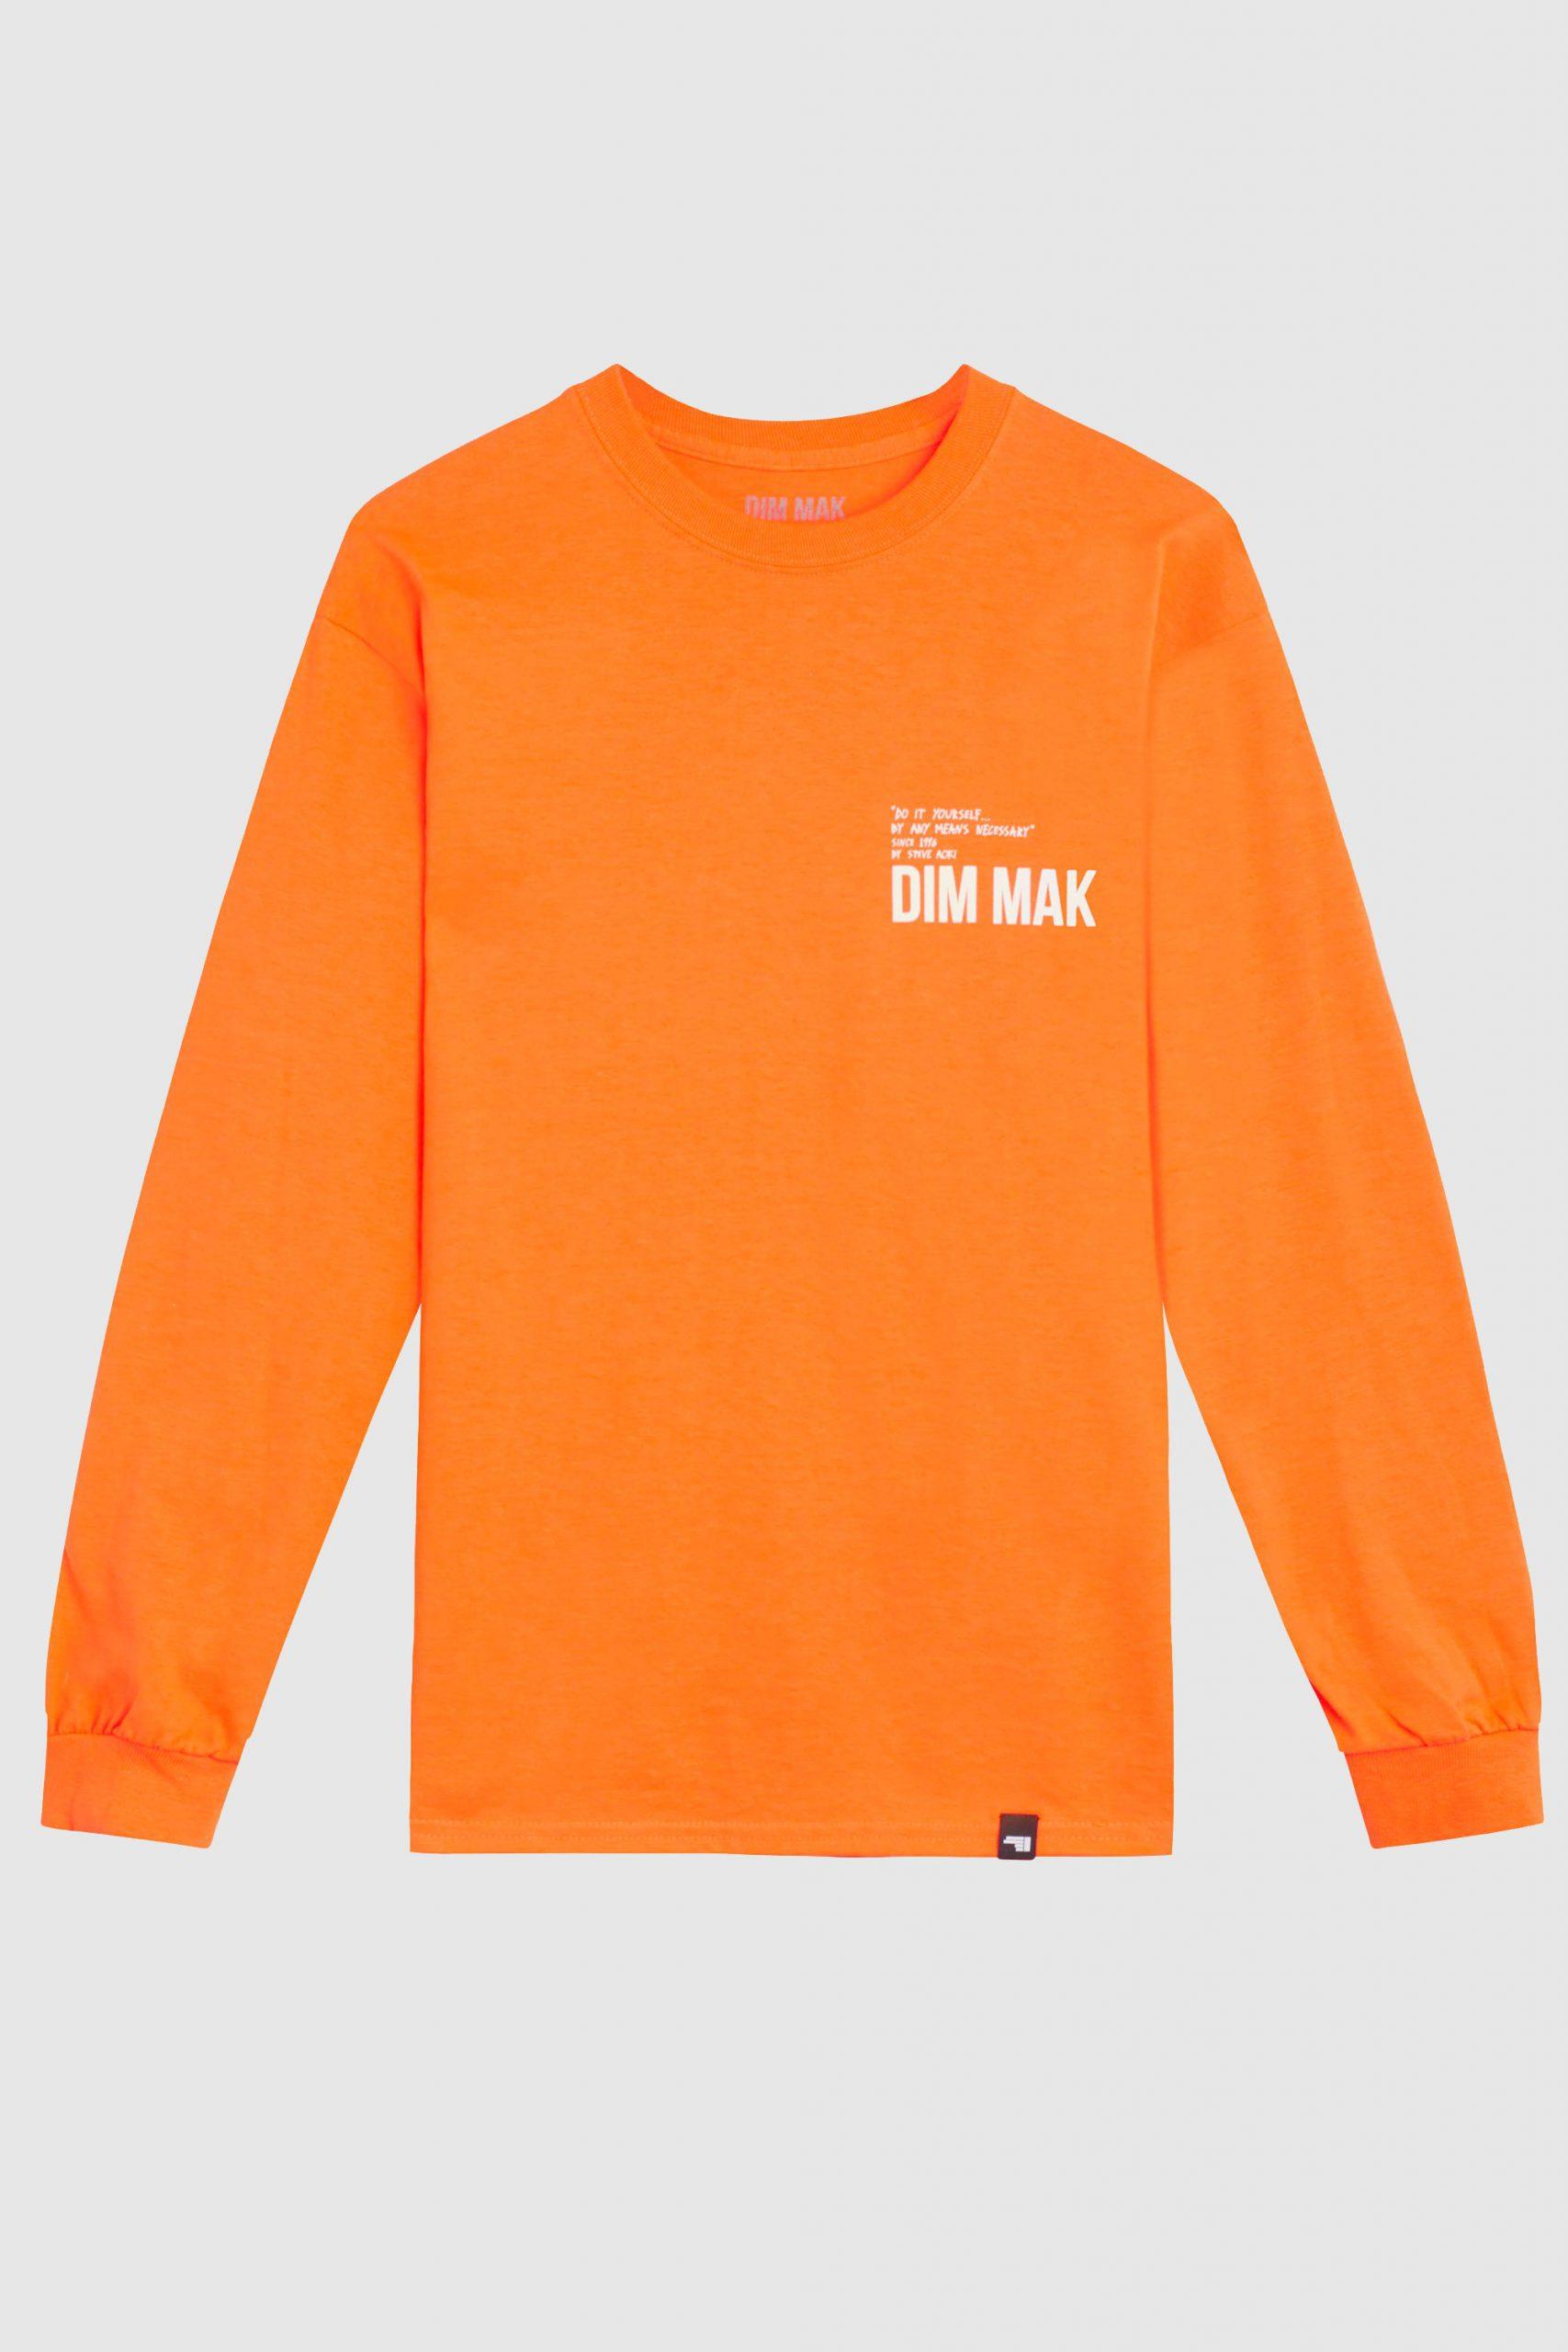 Dim Mak Essentials